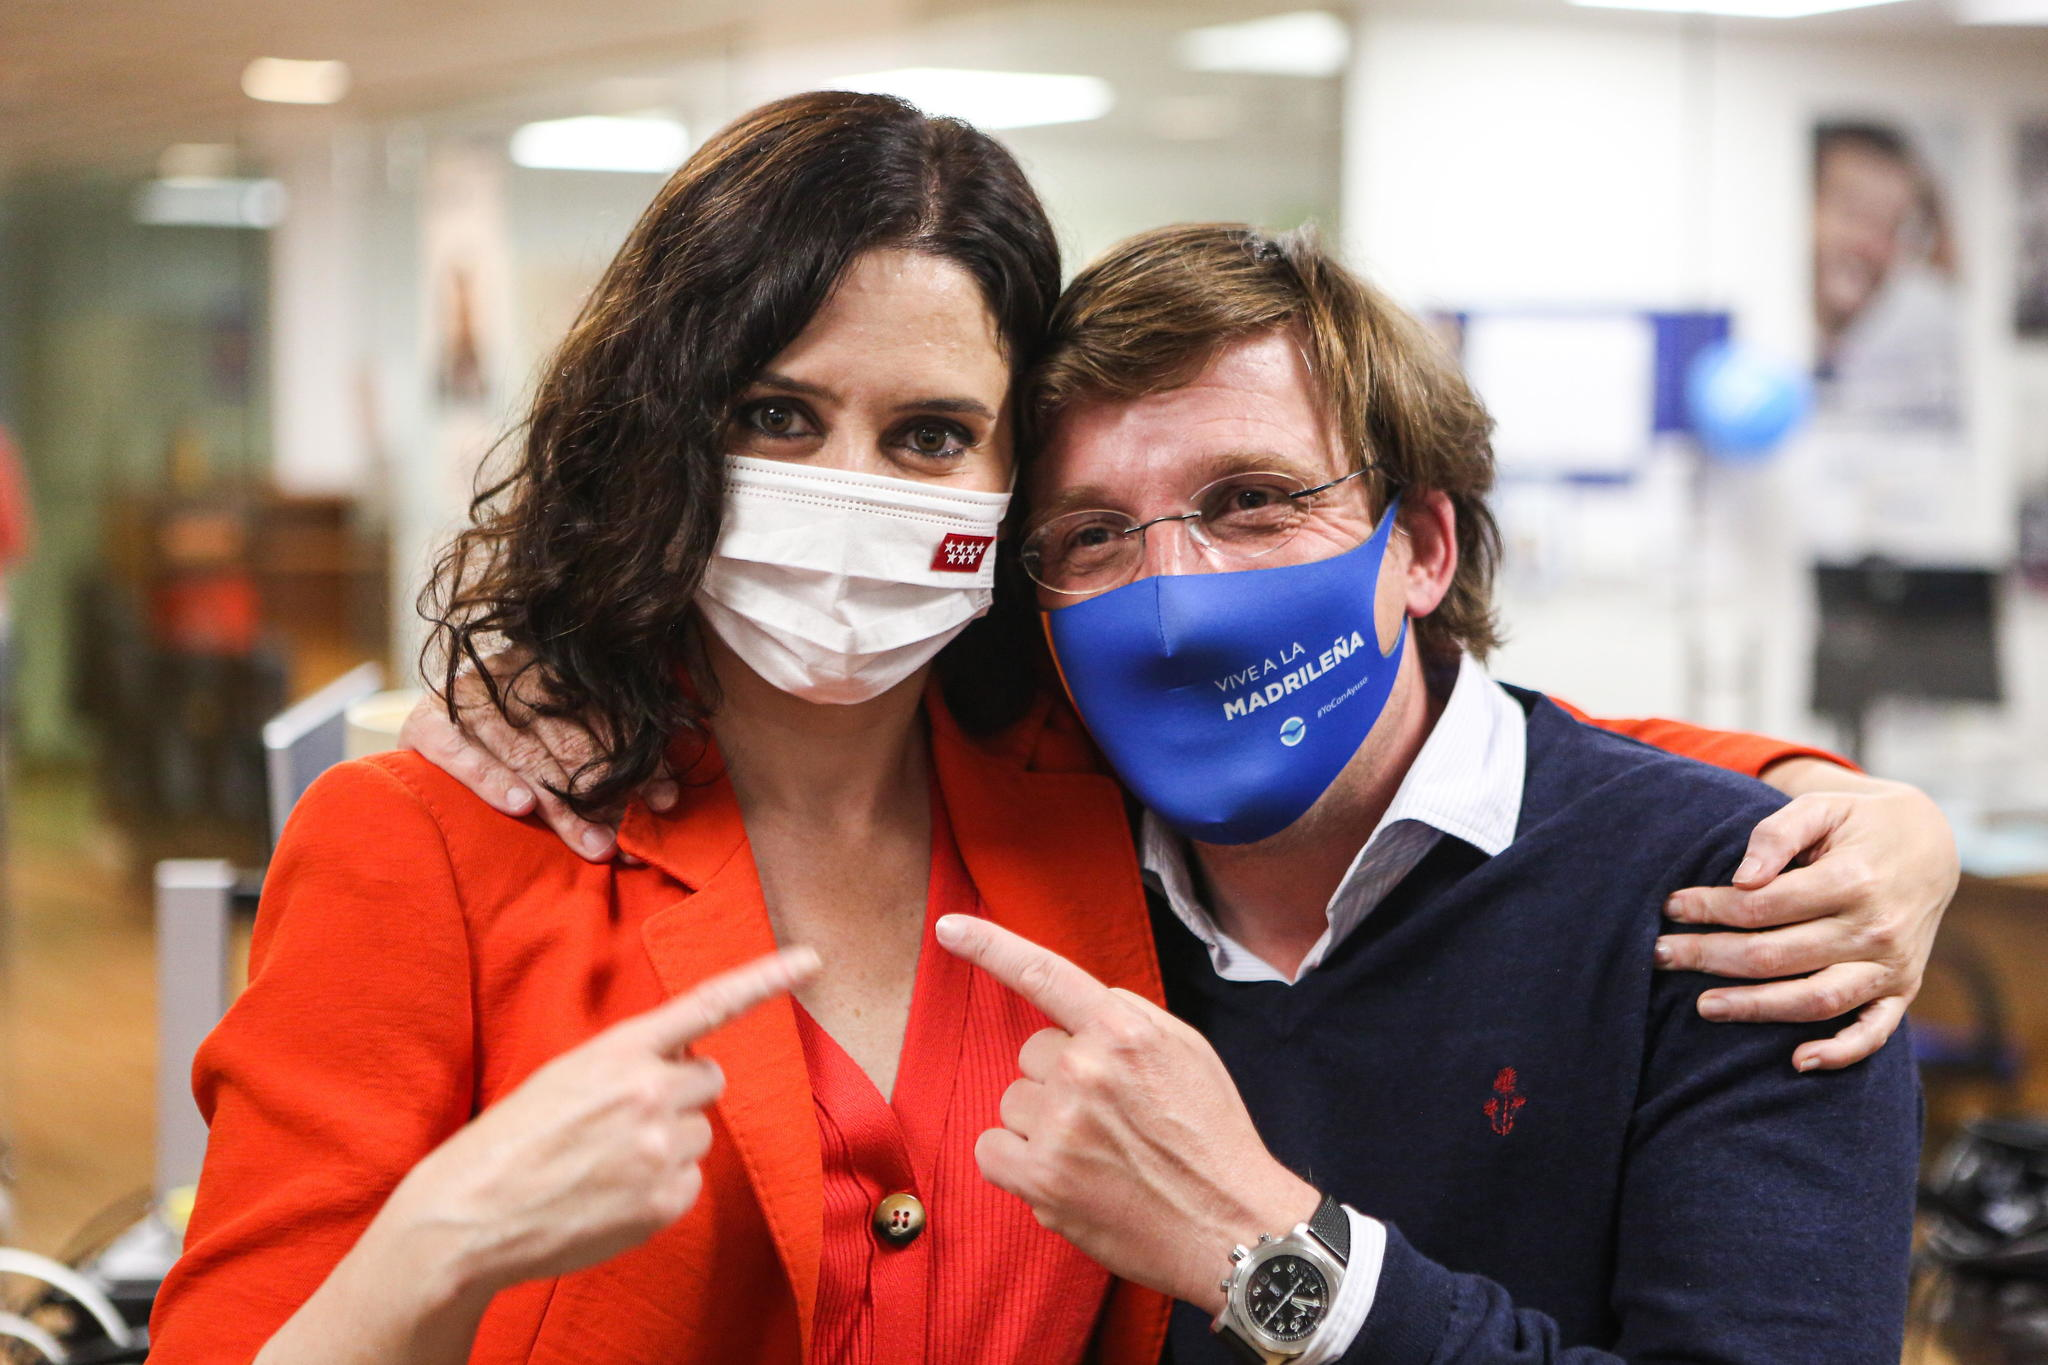 Isabel Díaz Ayuso y José Luis Martínez-Almeida, en una imagen difundida ayer en las redes sociales por el alcalde.